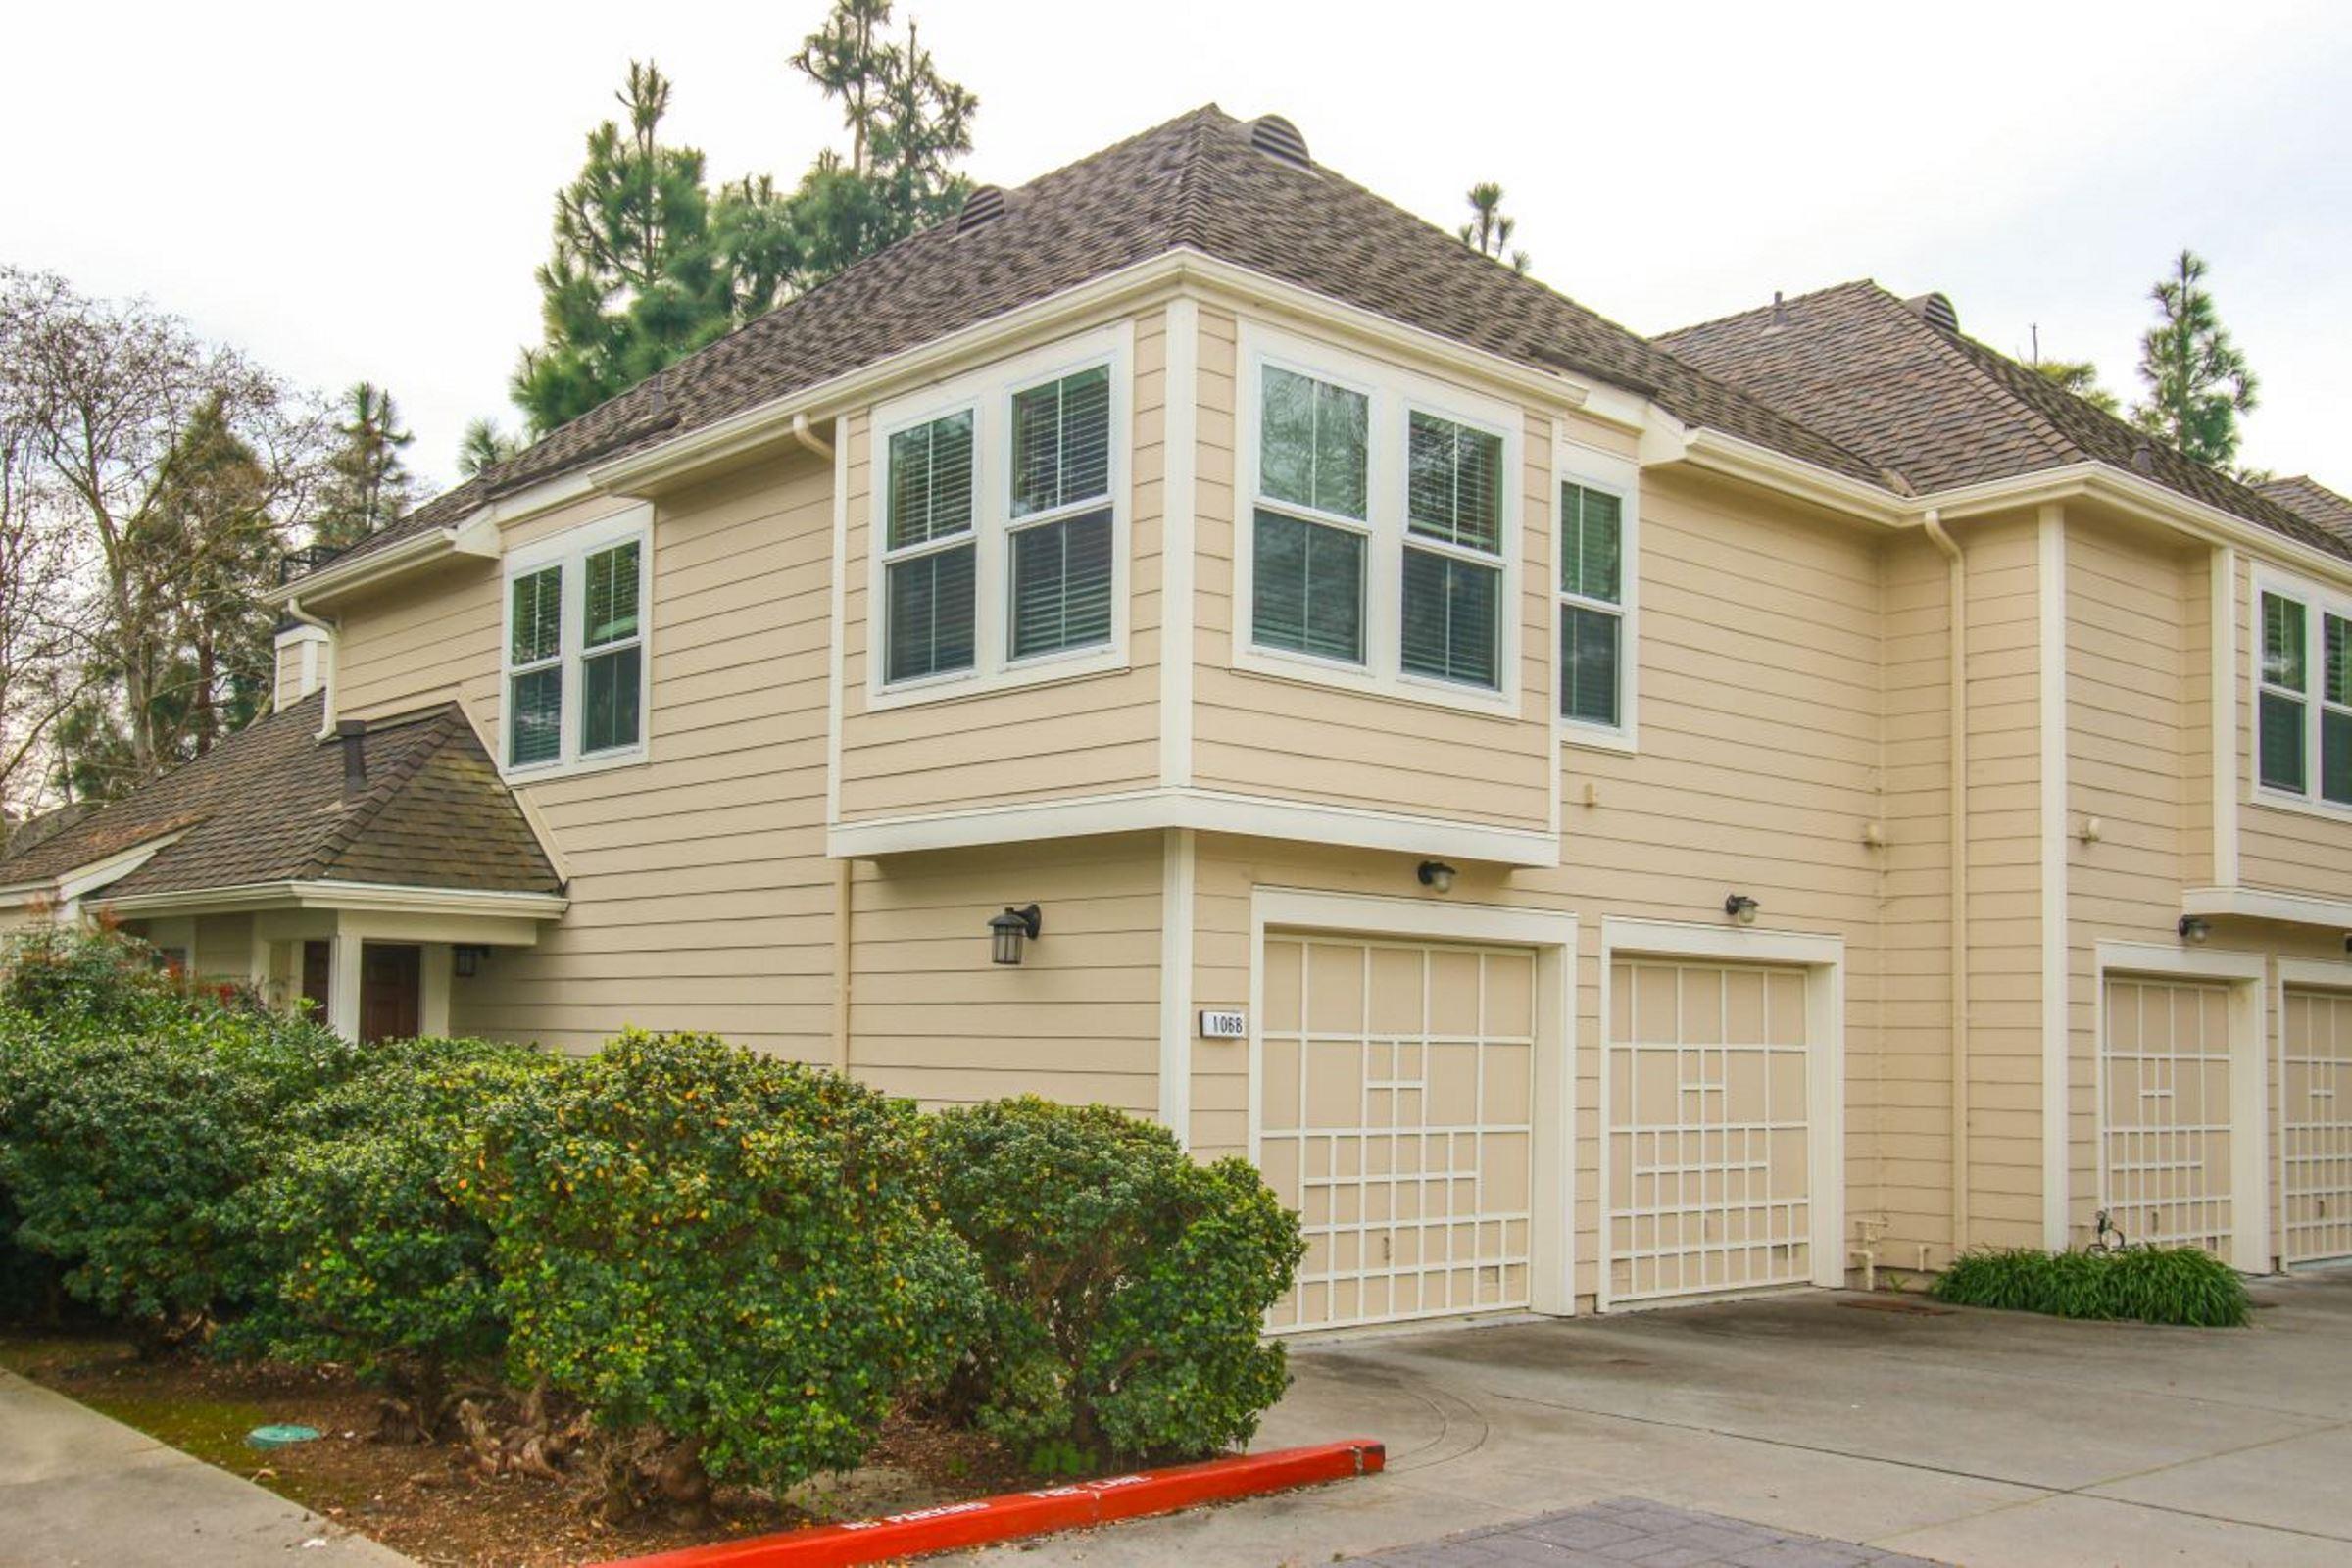 1068 Tiller Ln, Foster City, CA 94404